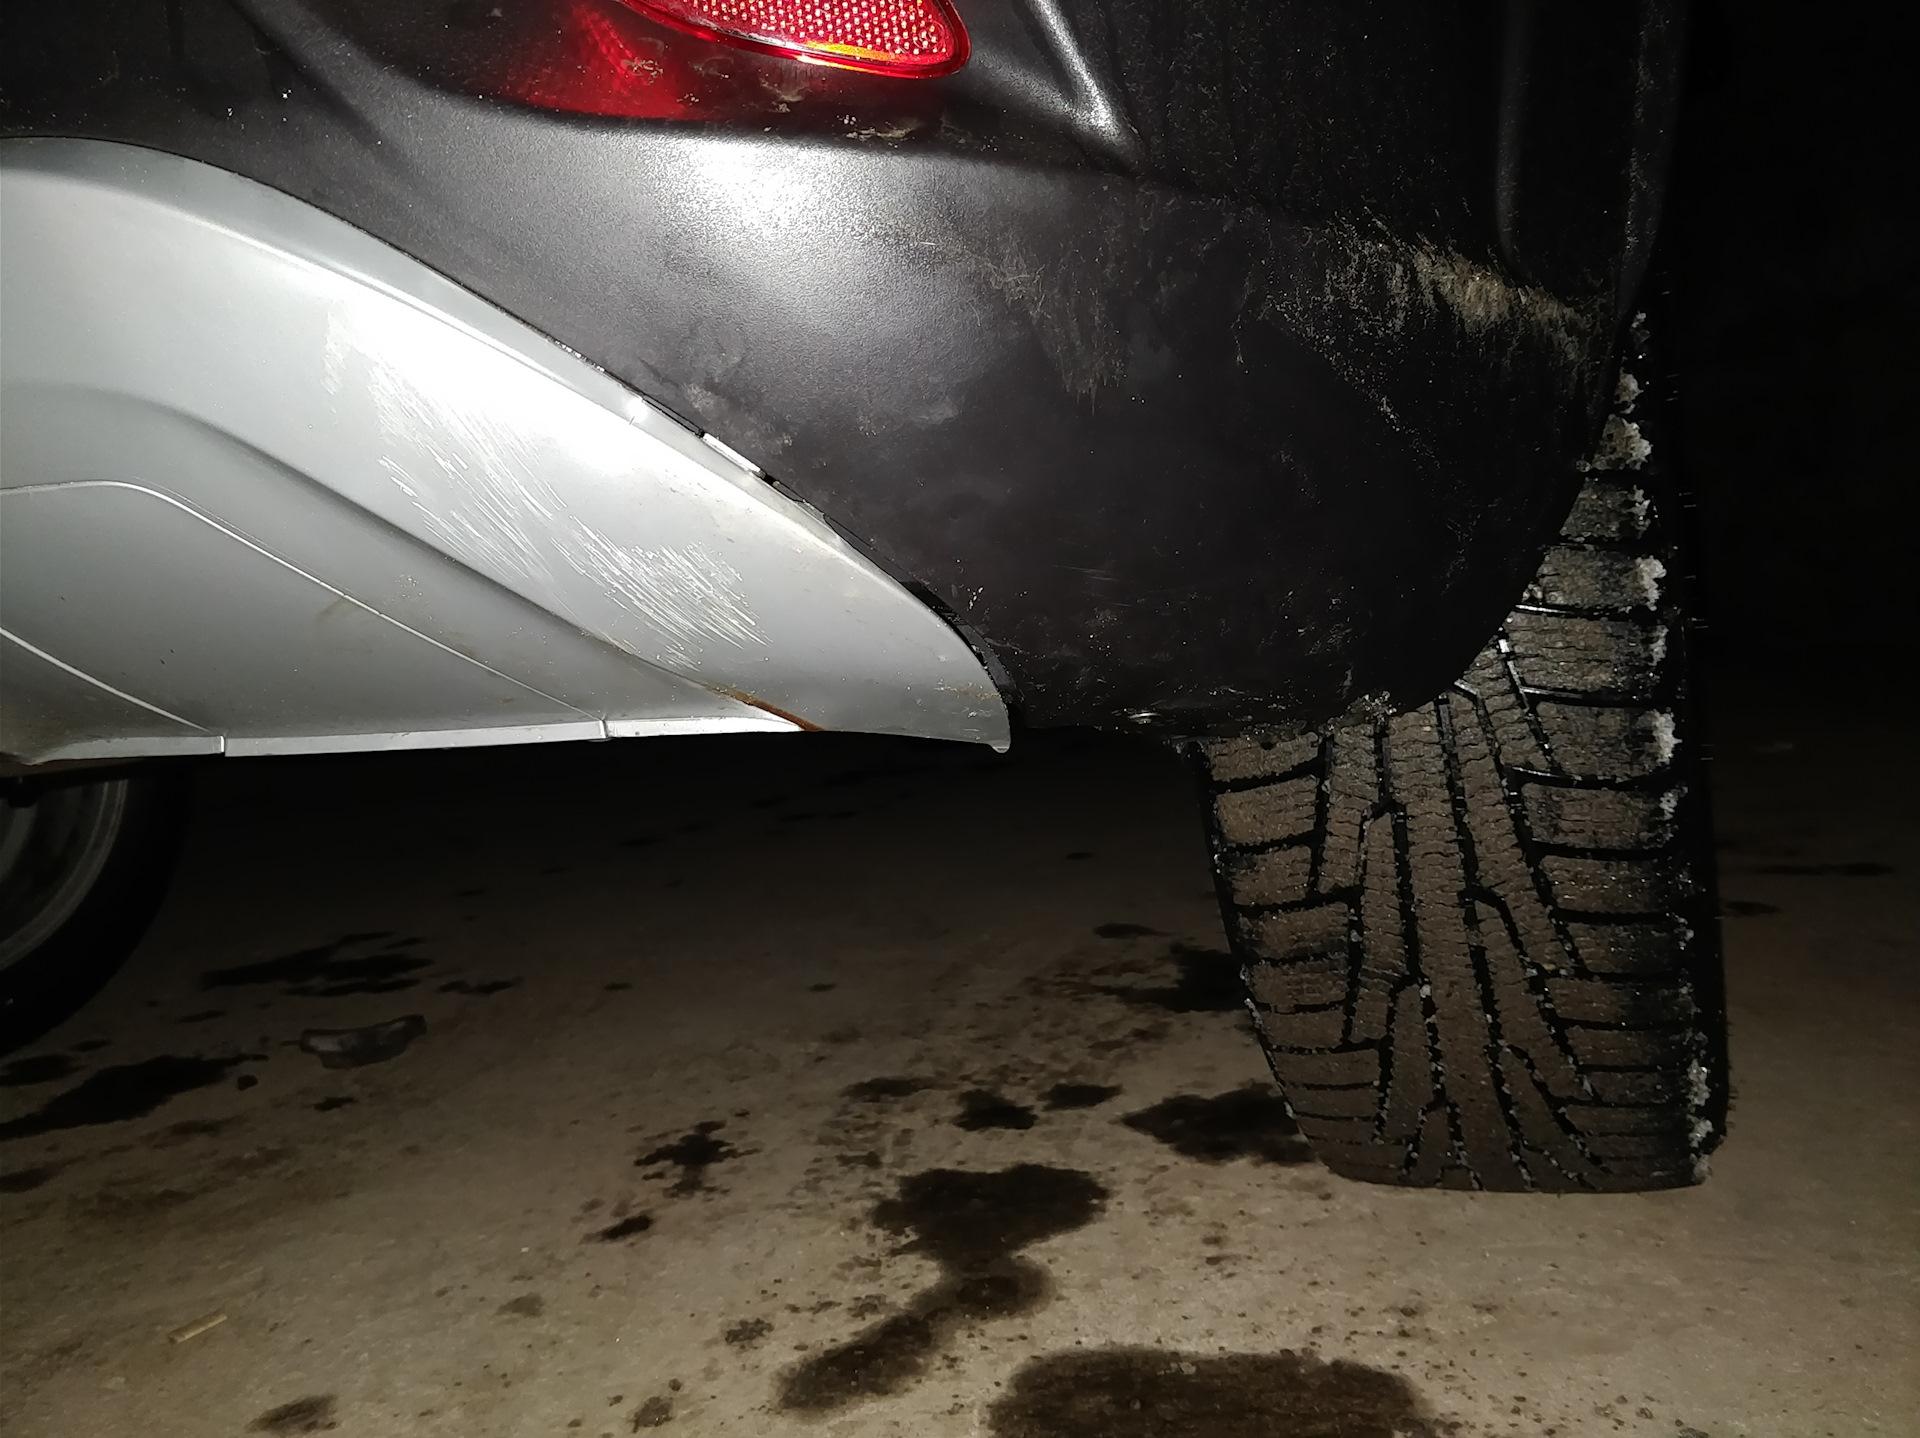 Повредили машину во дворе — что делать